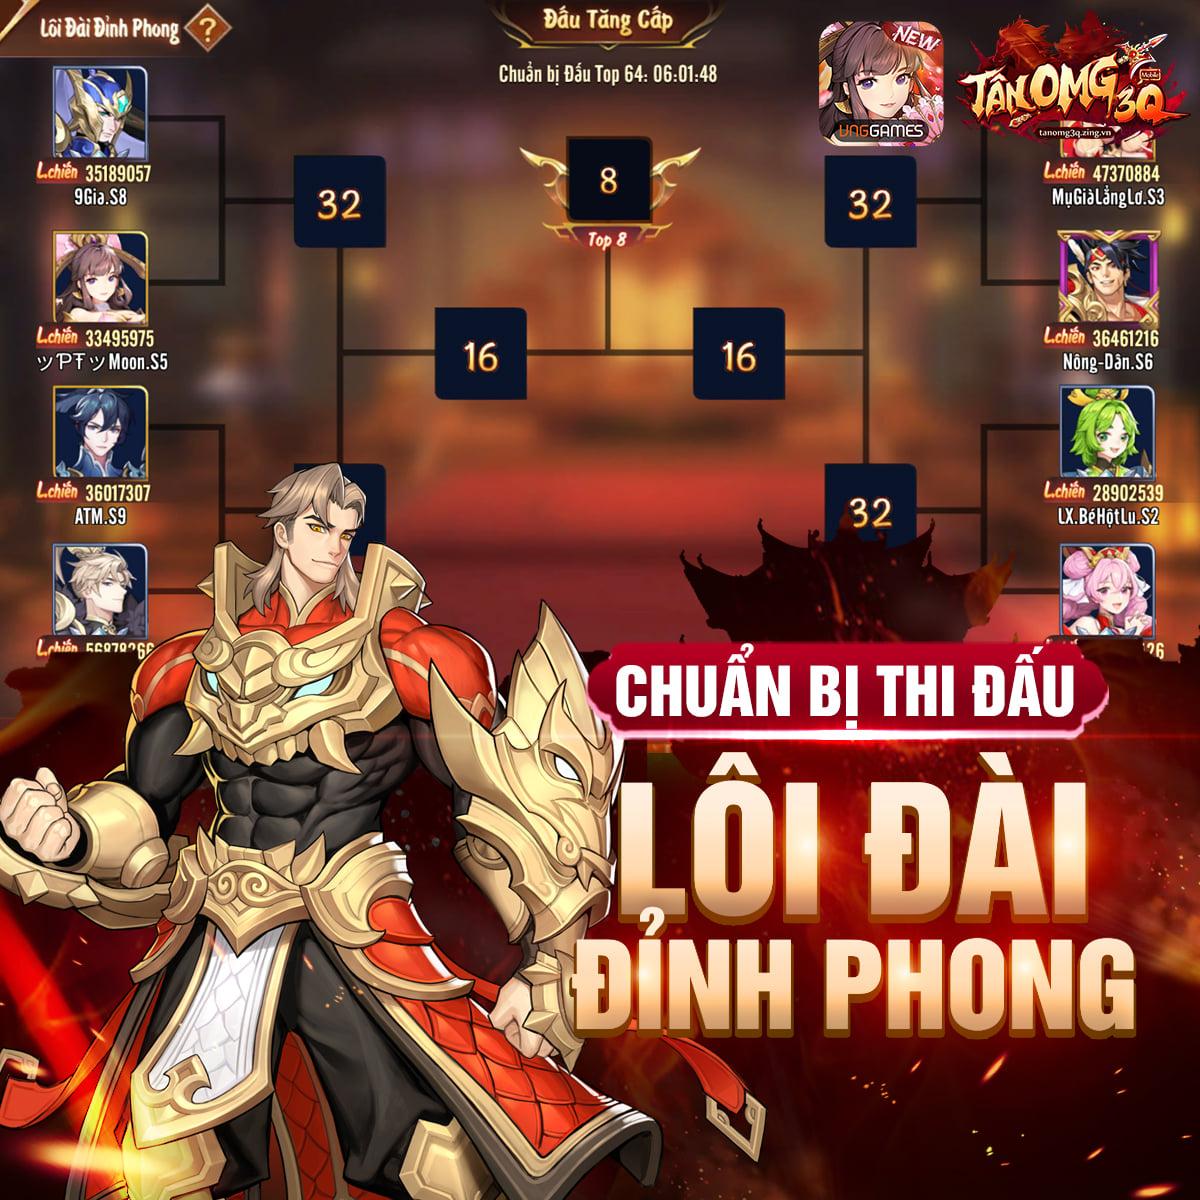 Tặng 400 giftcode Tân OMG3Q VNG mừng phiên bản mới Công Thành Chiến 0